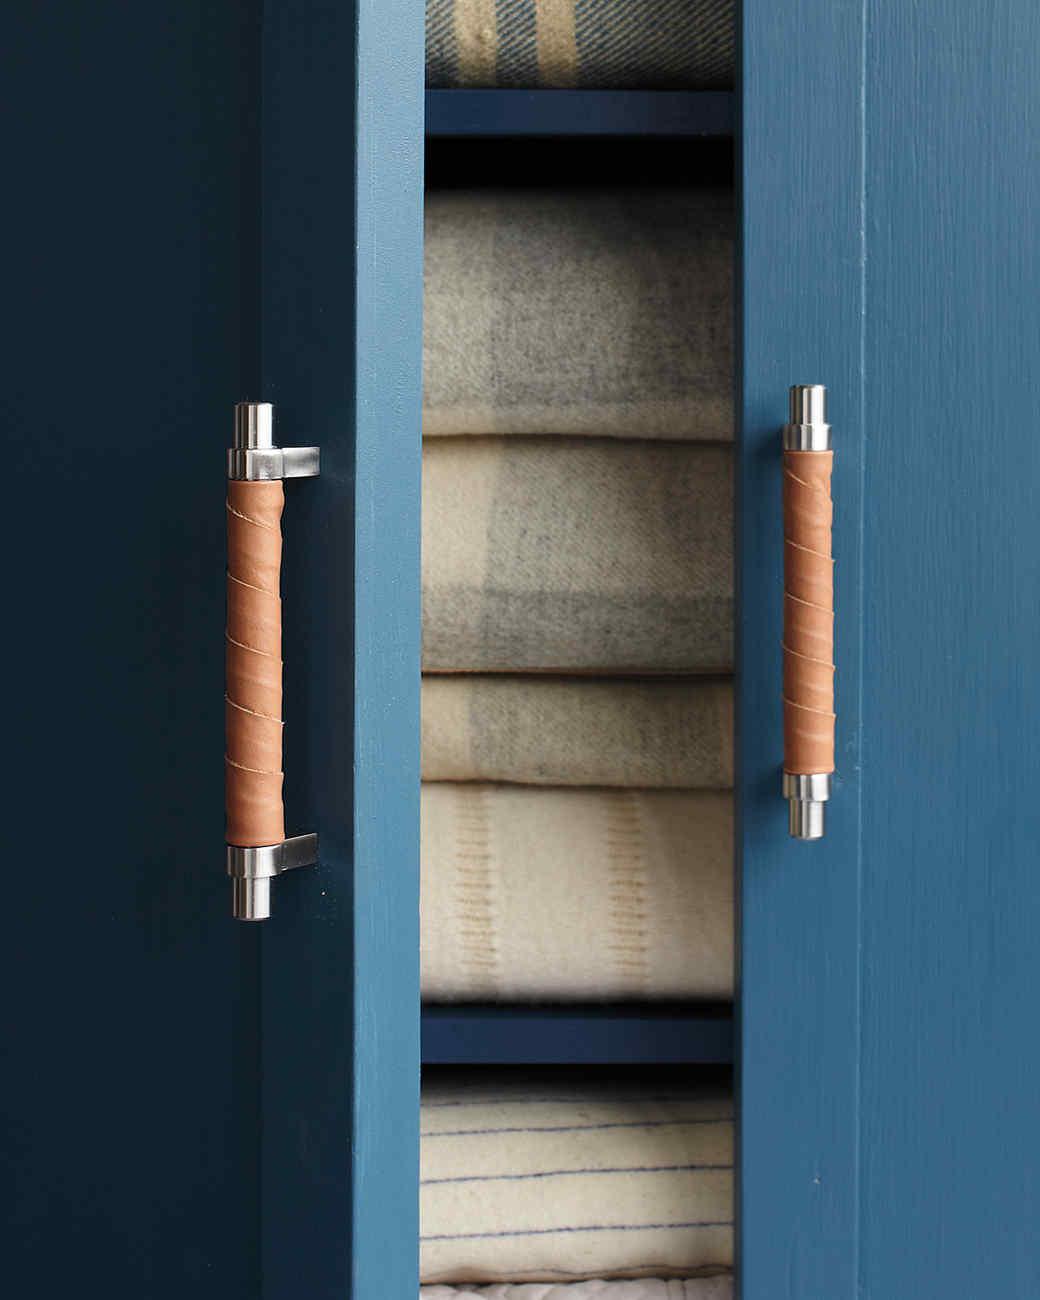 Leather-Wrapped Handles & Leather-Wrapped Handles | Martha Stewart